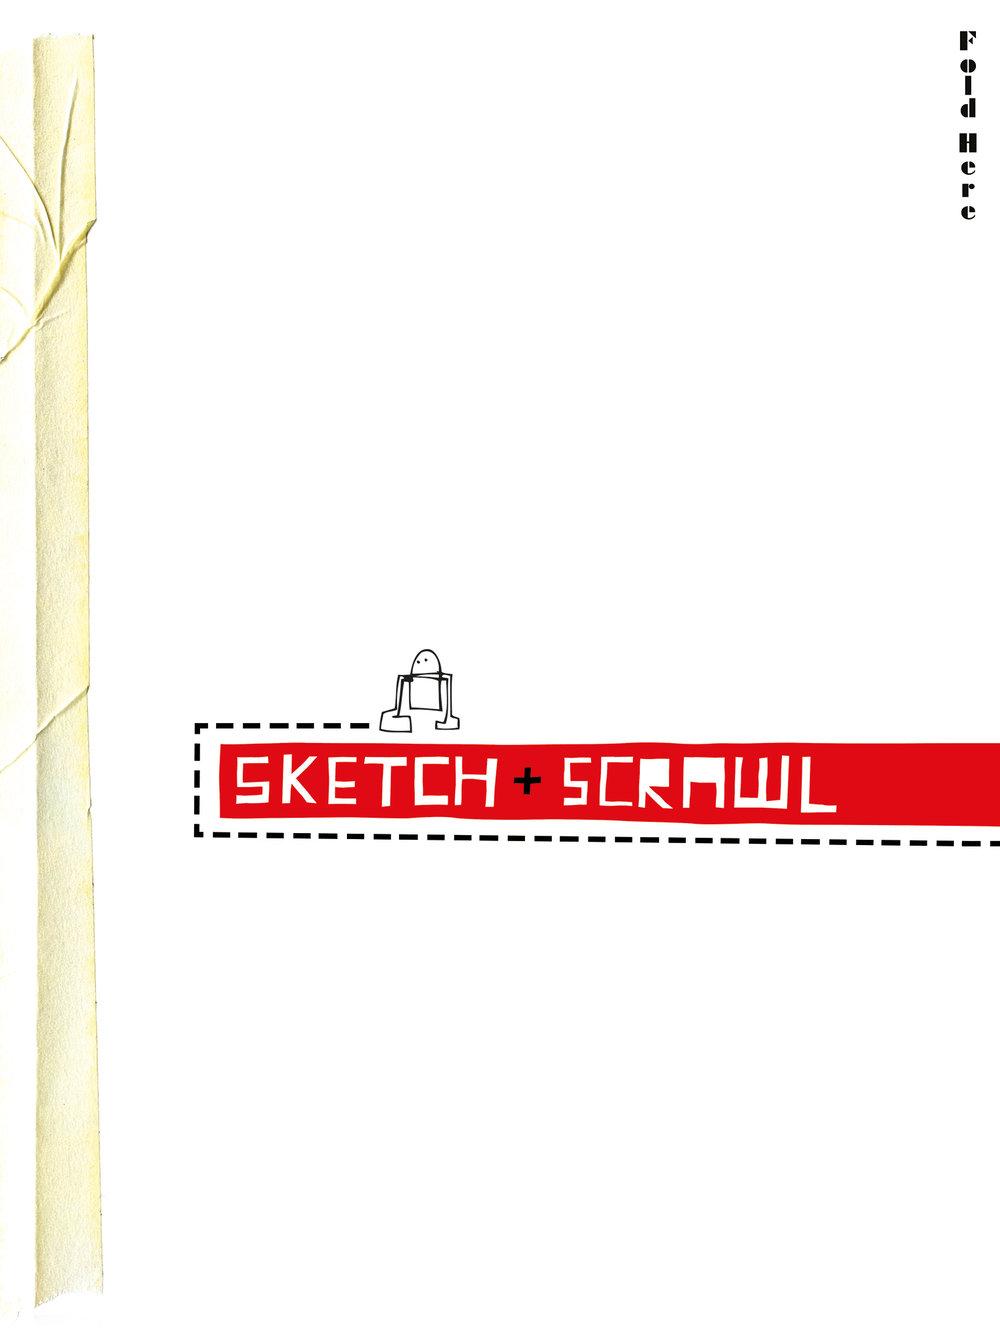 Sketch + Scrawl